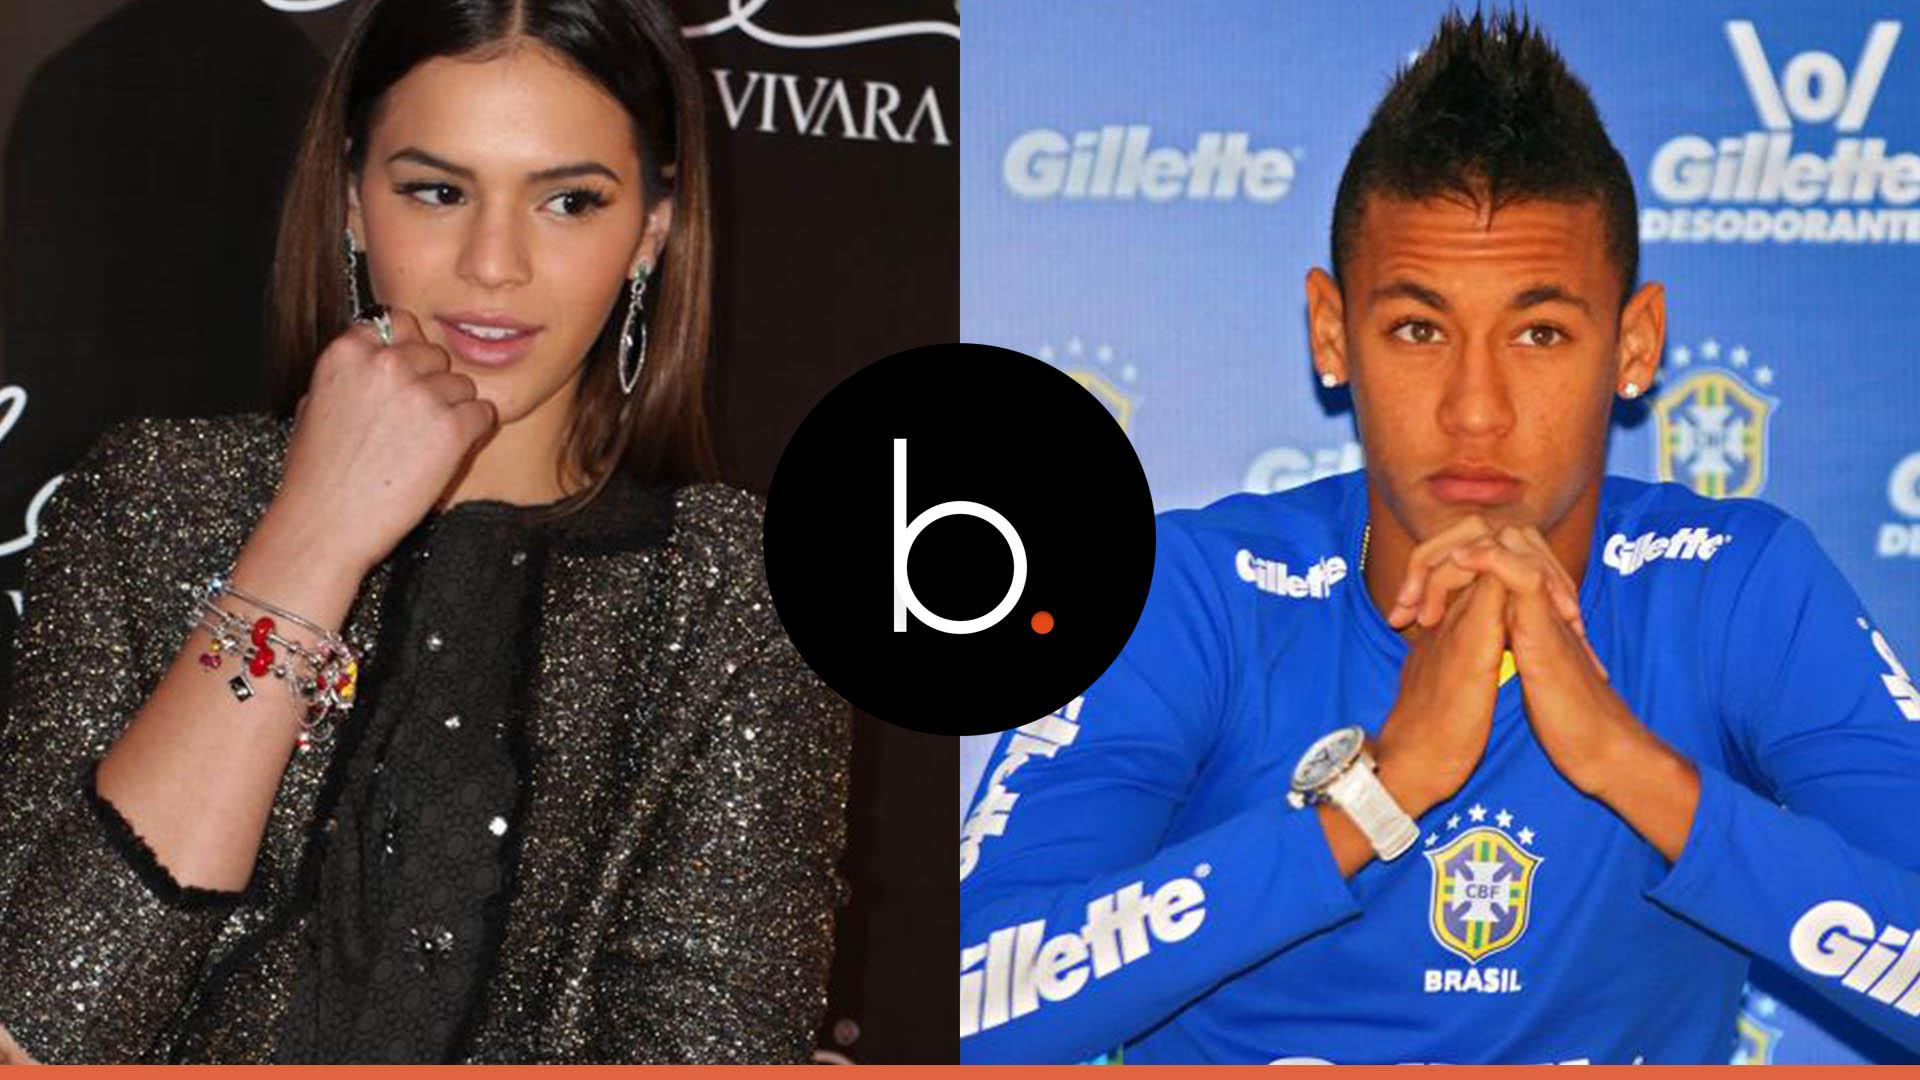 Assista: Bruna Marquezine canta música tema de reconciliação com Neymar